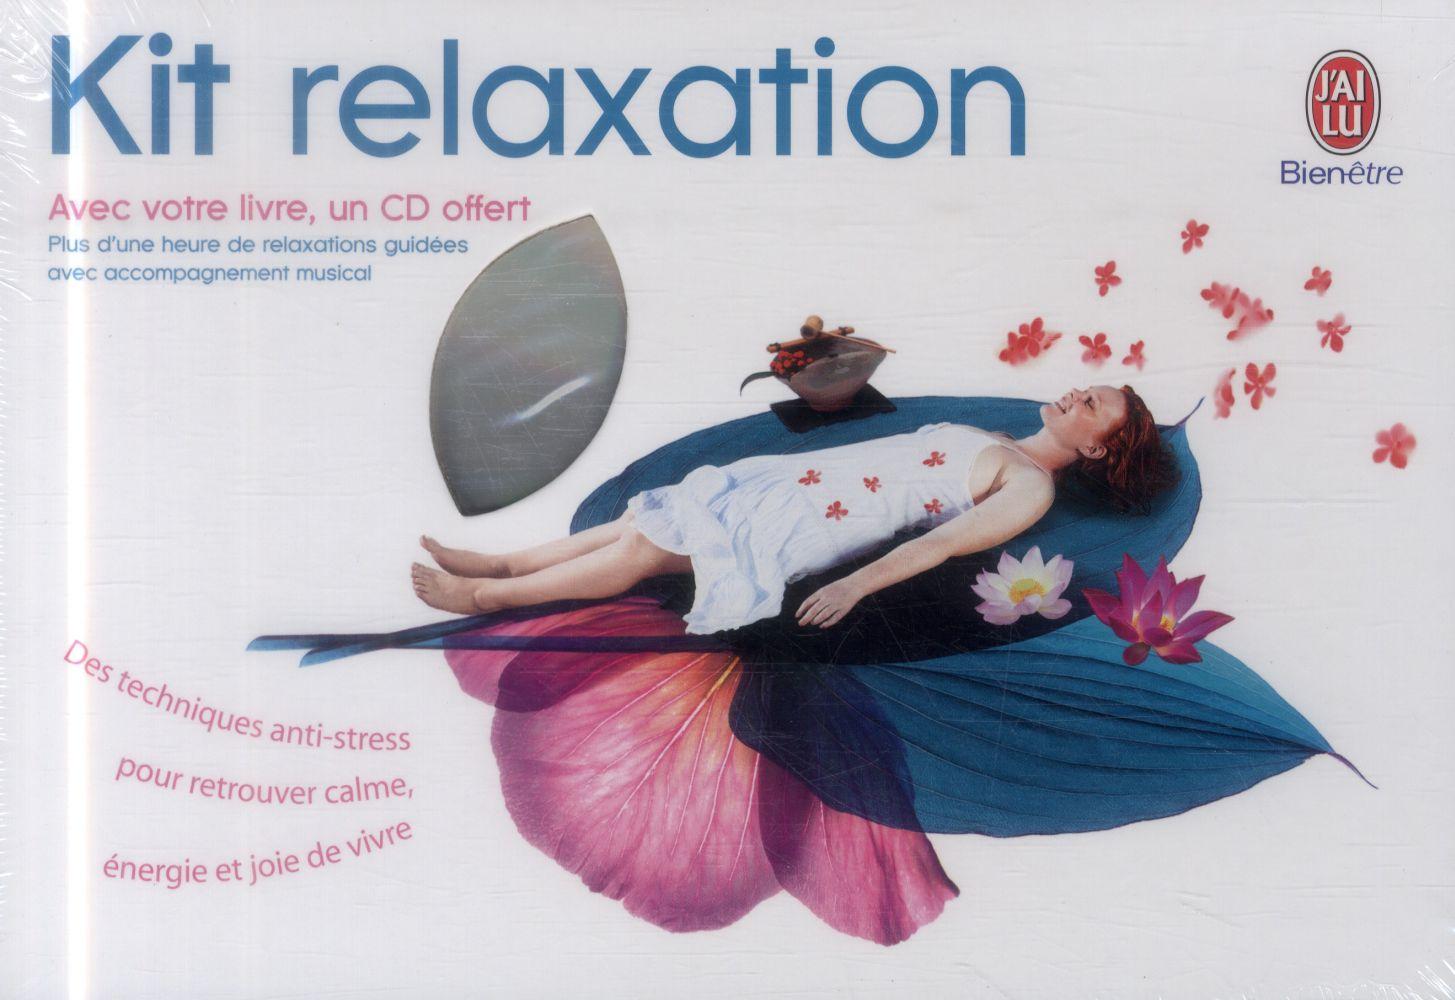 KIT RELAXATION - AVEC VOTRE LIVRE, UN CD OFFERT